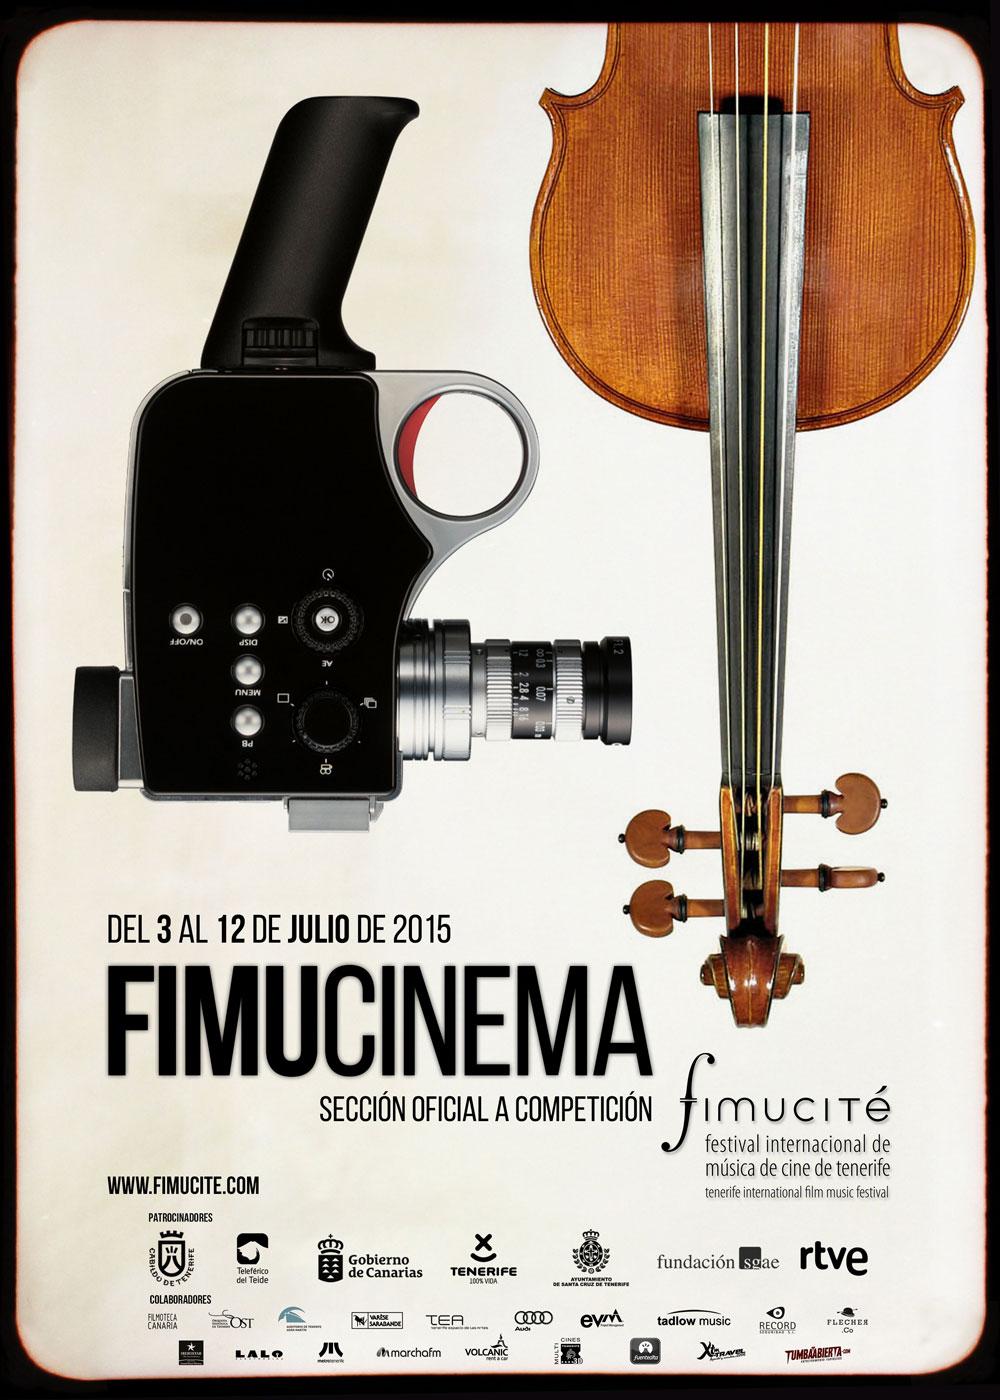 Fimucinema 2015